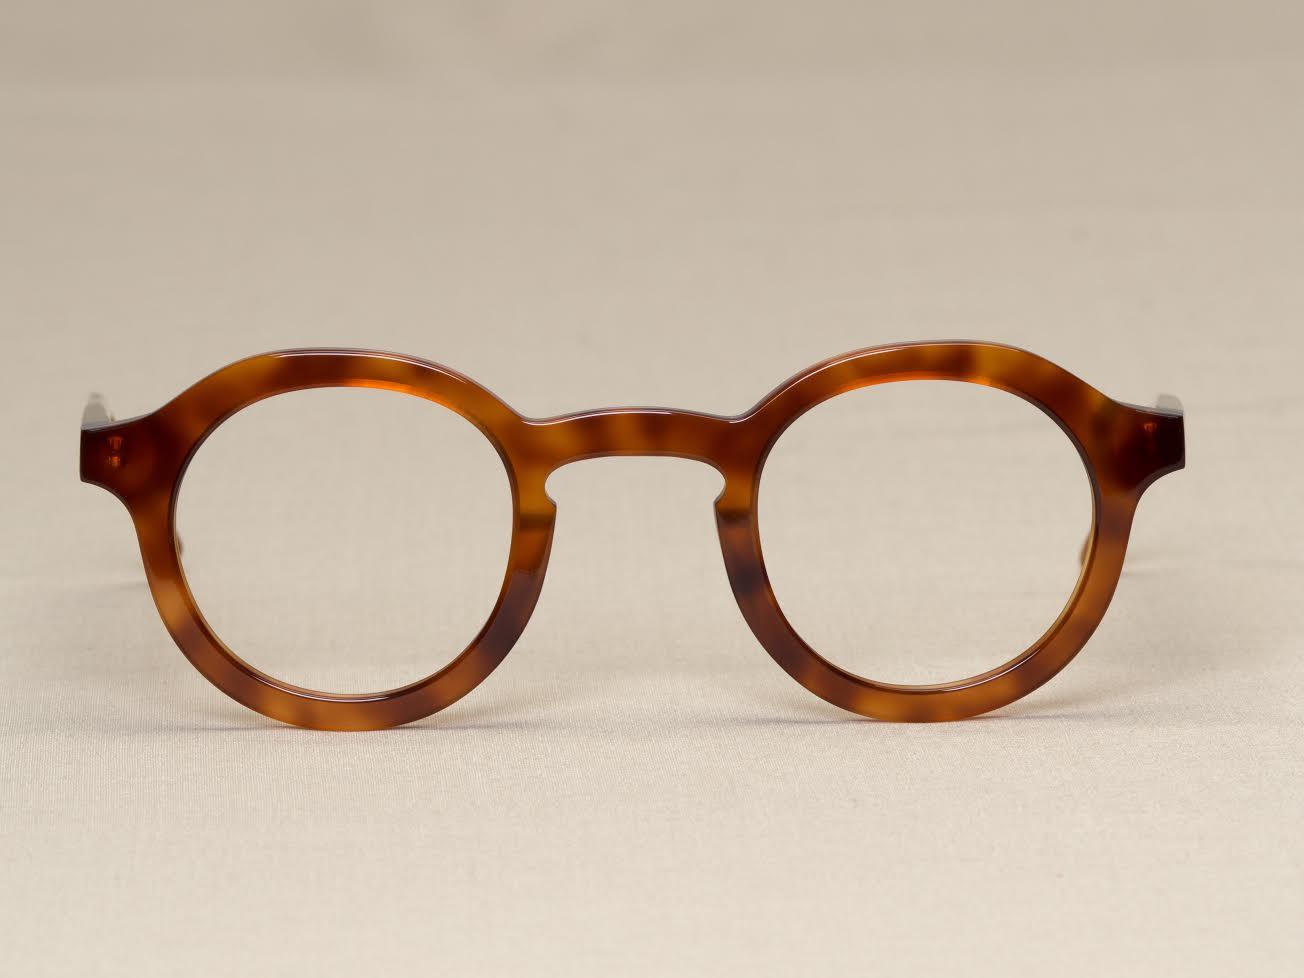 Indivijual-Custom-Glasses-11.jpg